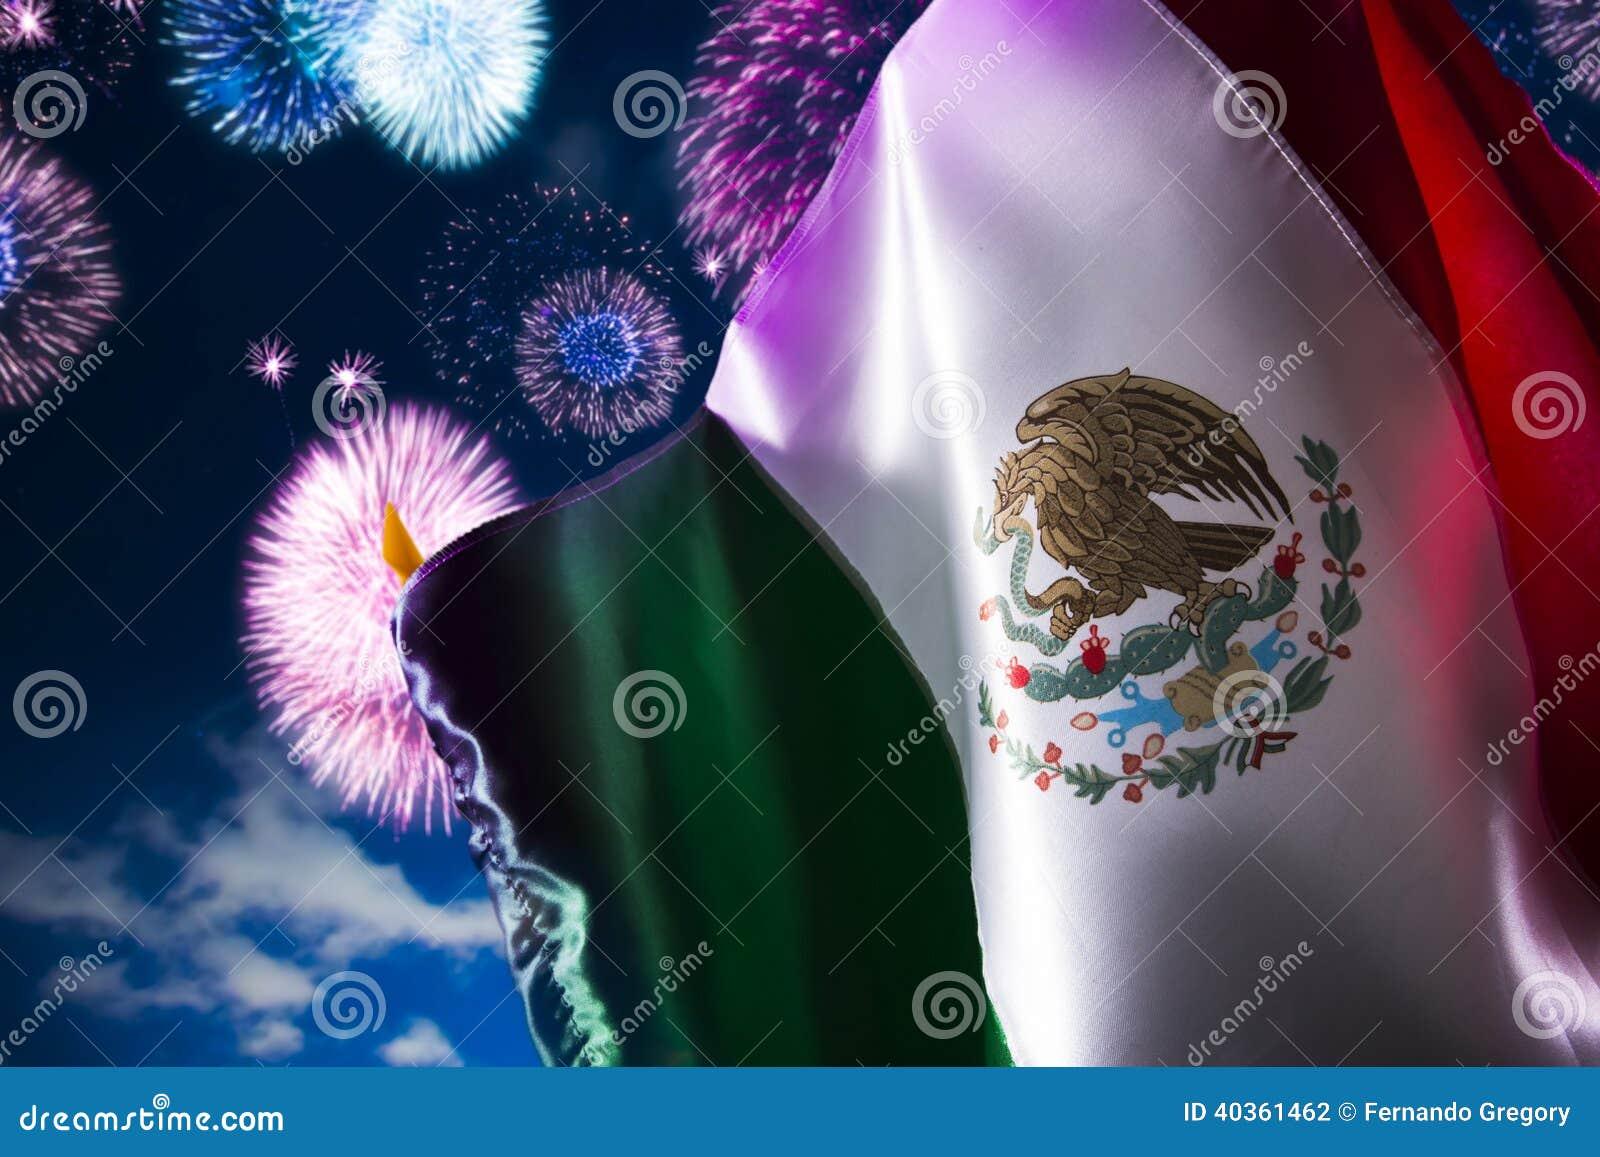 Mexicaanse vlag met vuurwerk, onafhankelijkheidsdag, cinco DE Mayo cel